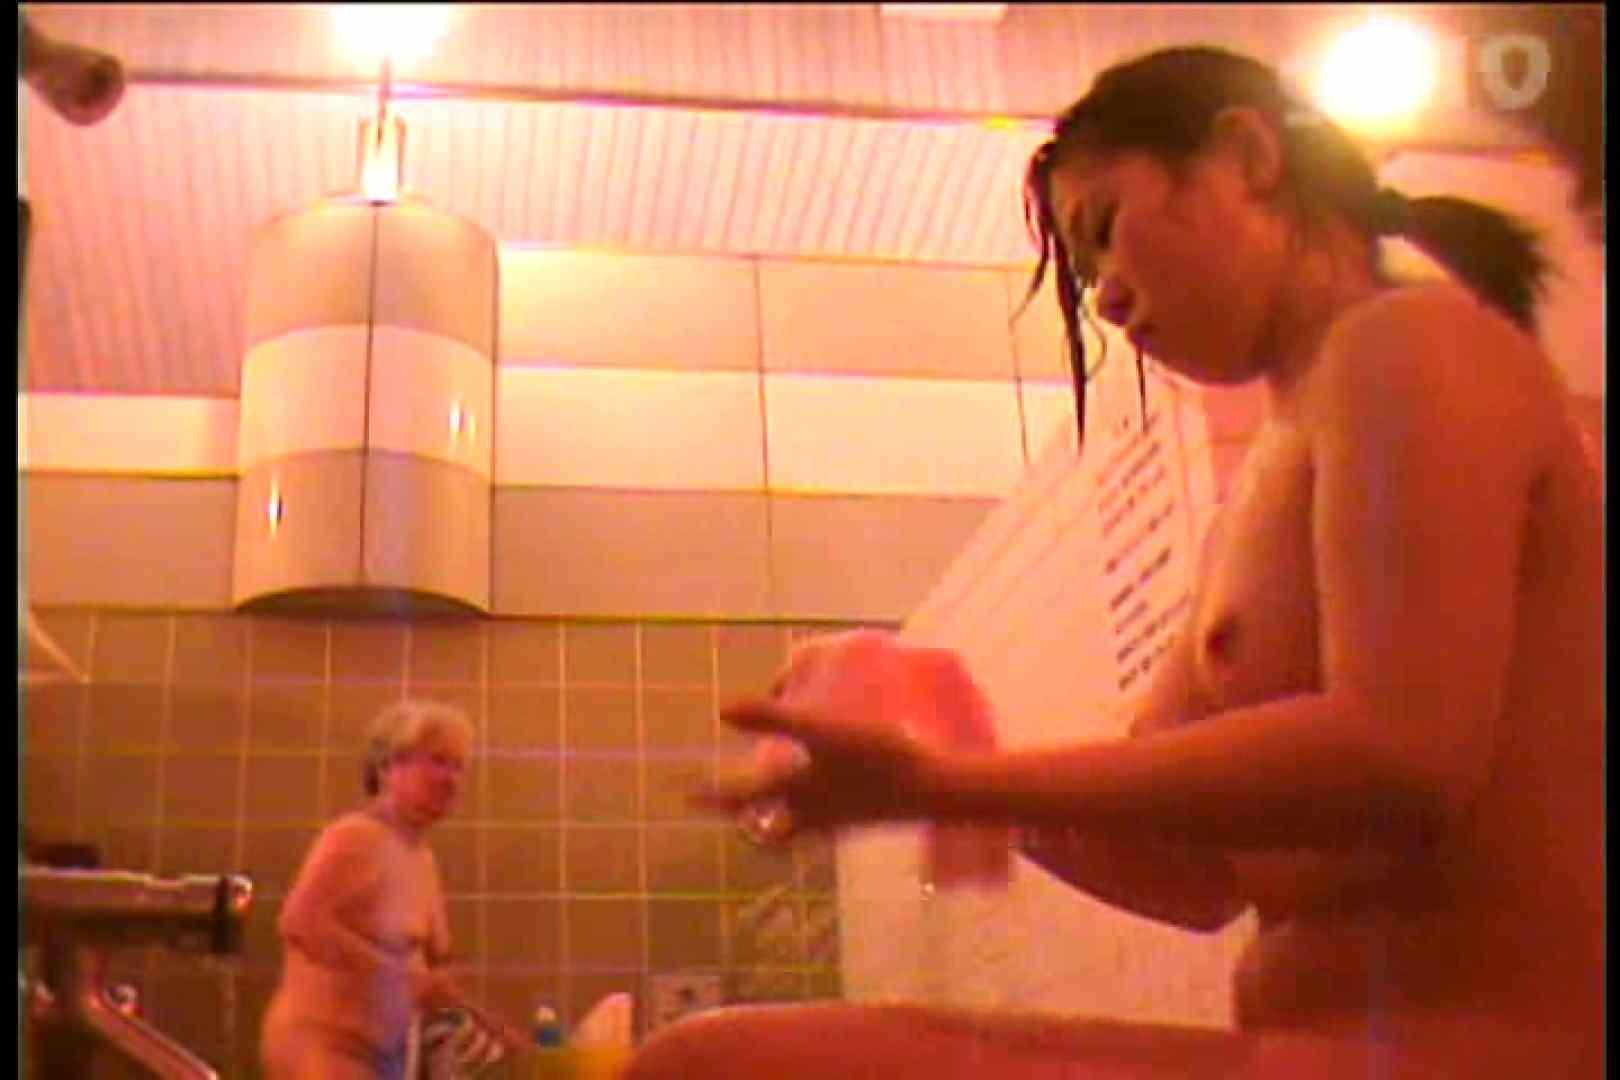 電波カメラ設置浴場からの防HAN映像 Vol.10 OL女体  86連発 30